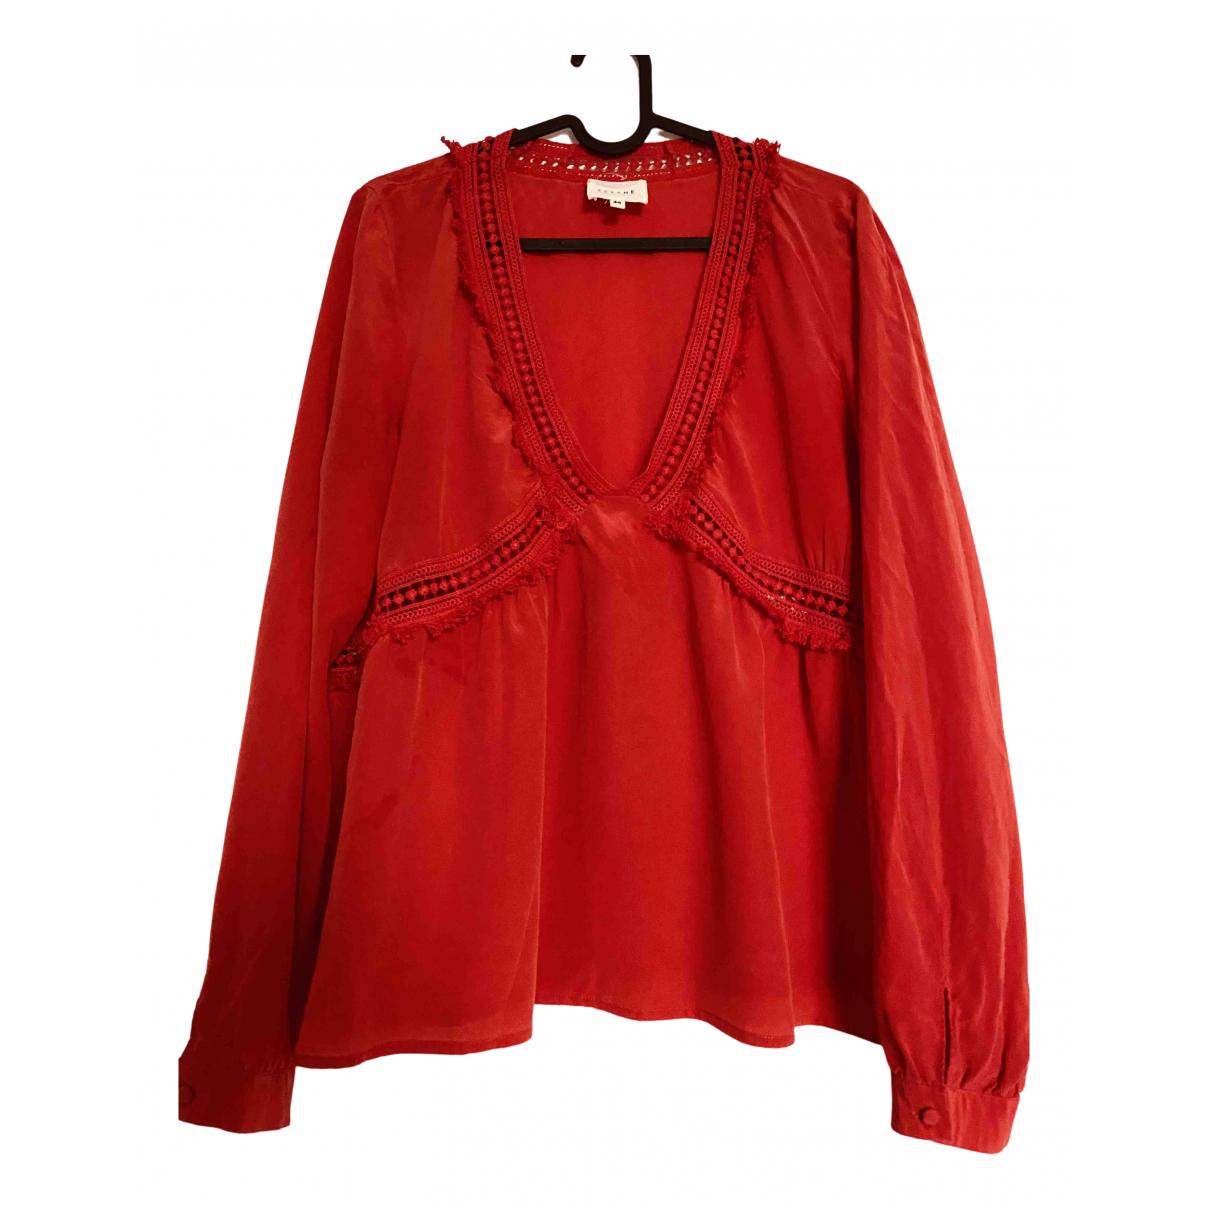 Sezane - Top Spring Summer 2019 pour femme en soie - rouge